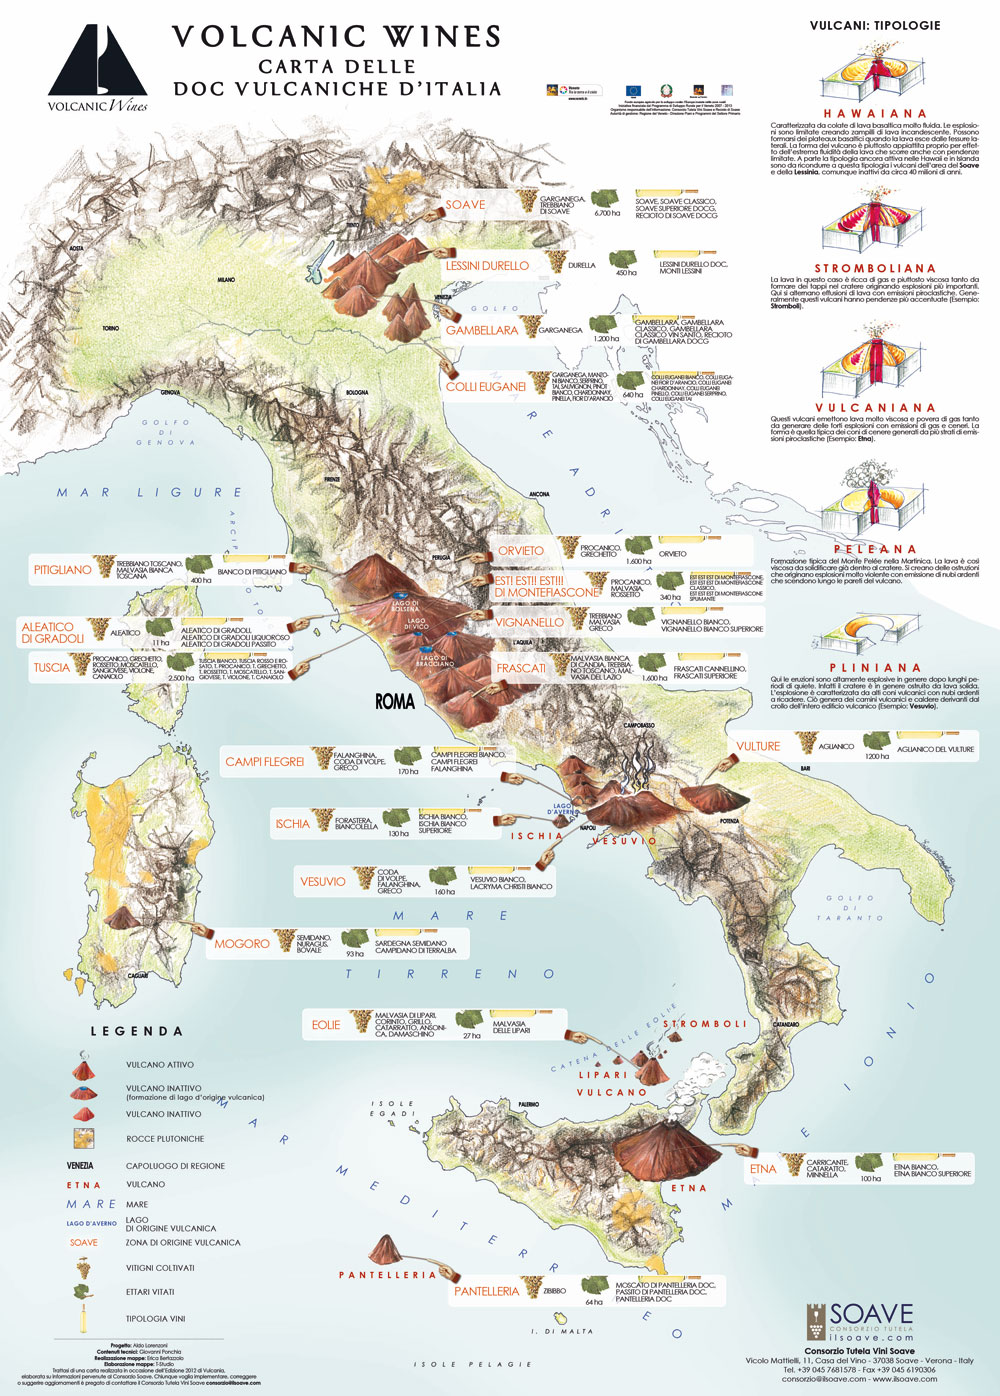 Cartina Italia Con Vulcani.Vini Vulcanici In Italia La Mappa Da Soave A Pantelleria